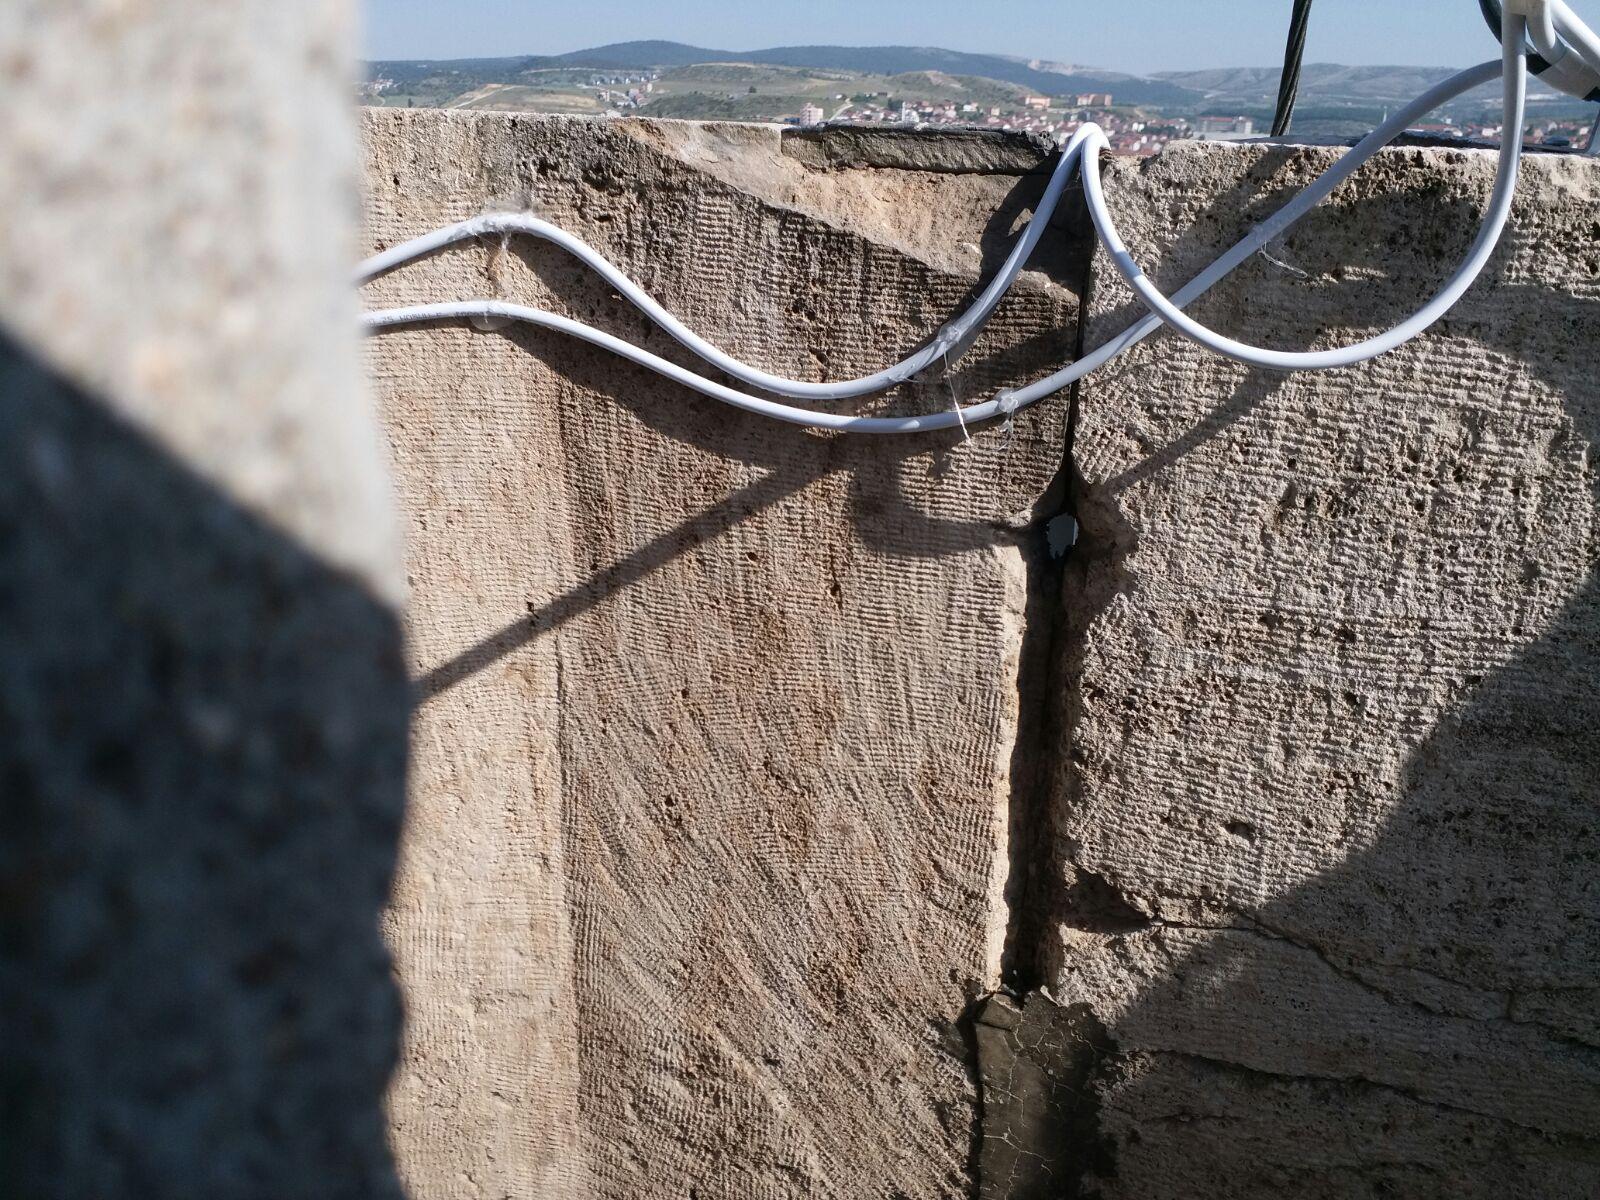 tarihi-cami-tehdit-altinda2.jpg